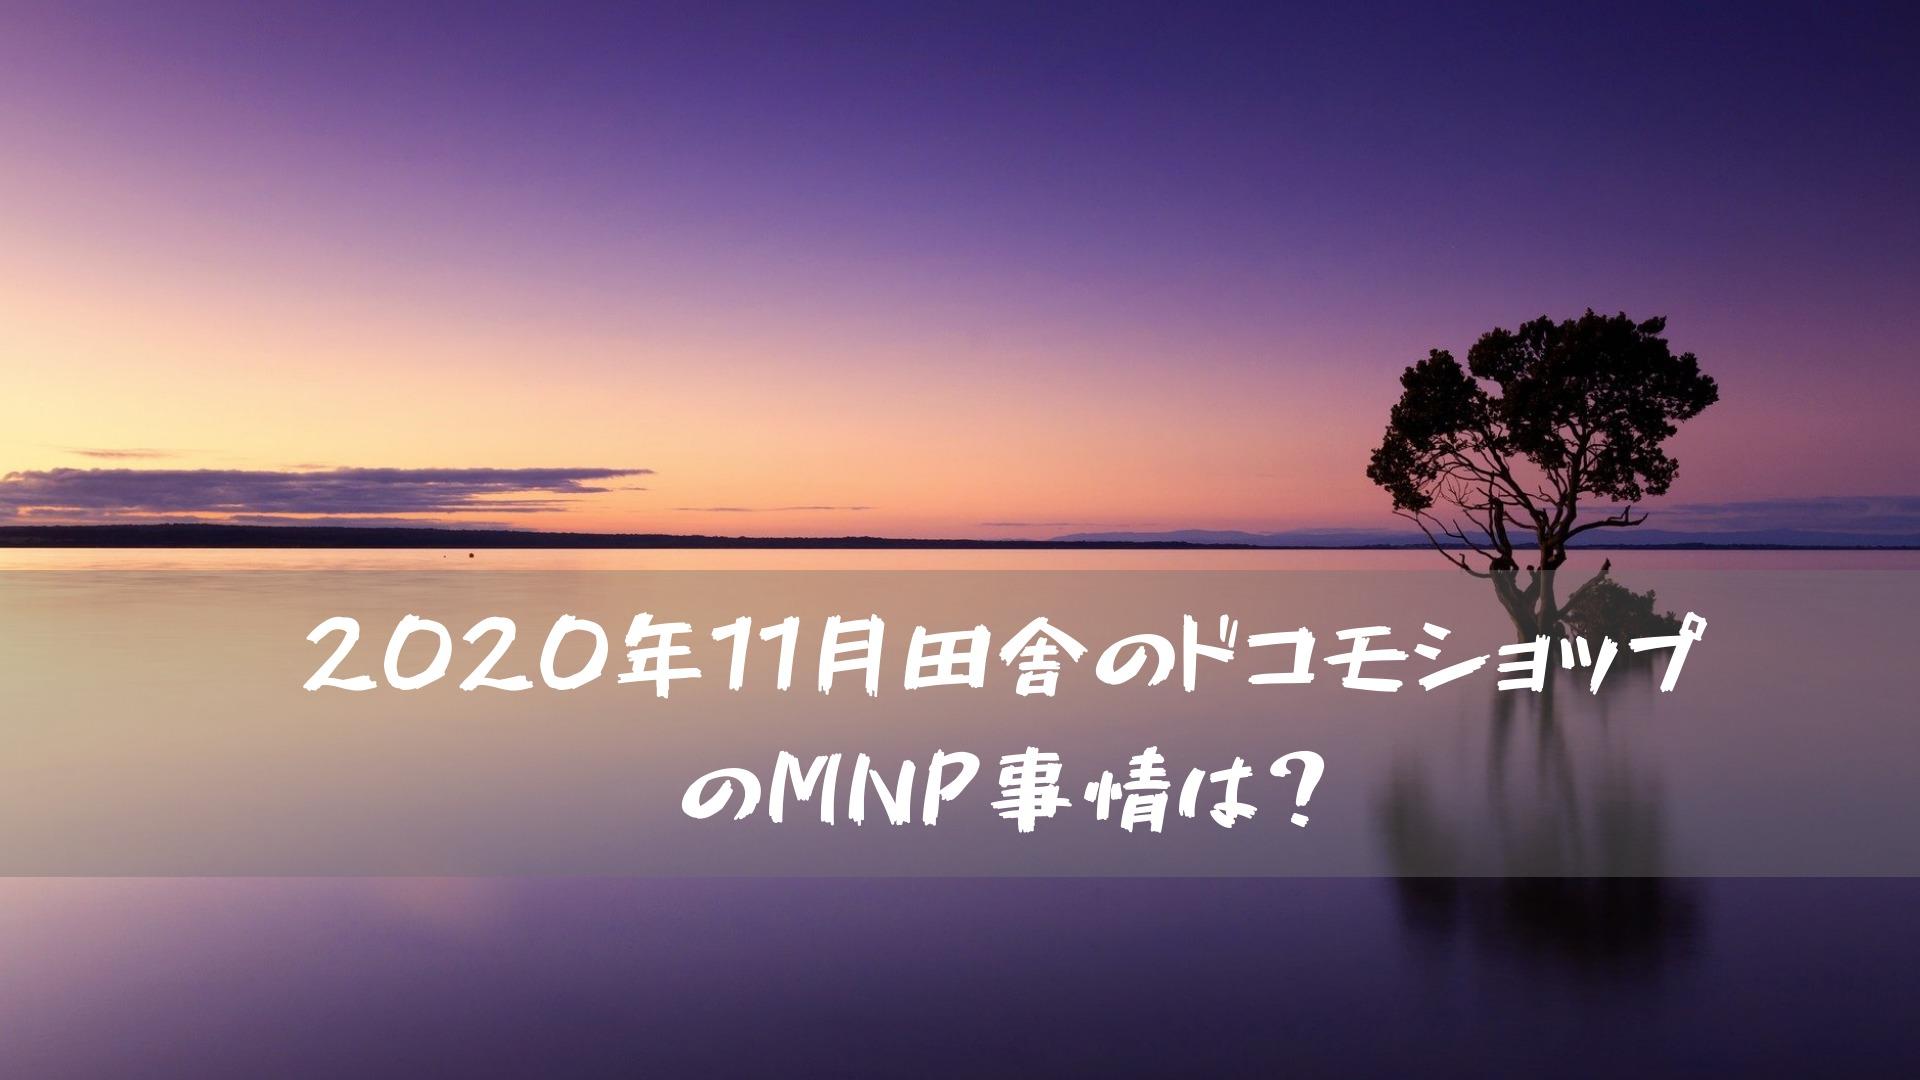 2020年11月田舎のドコモショップのMNP事情は?